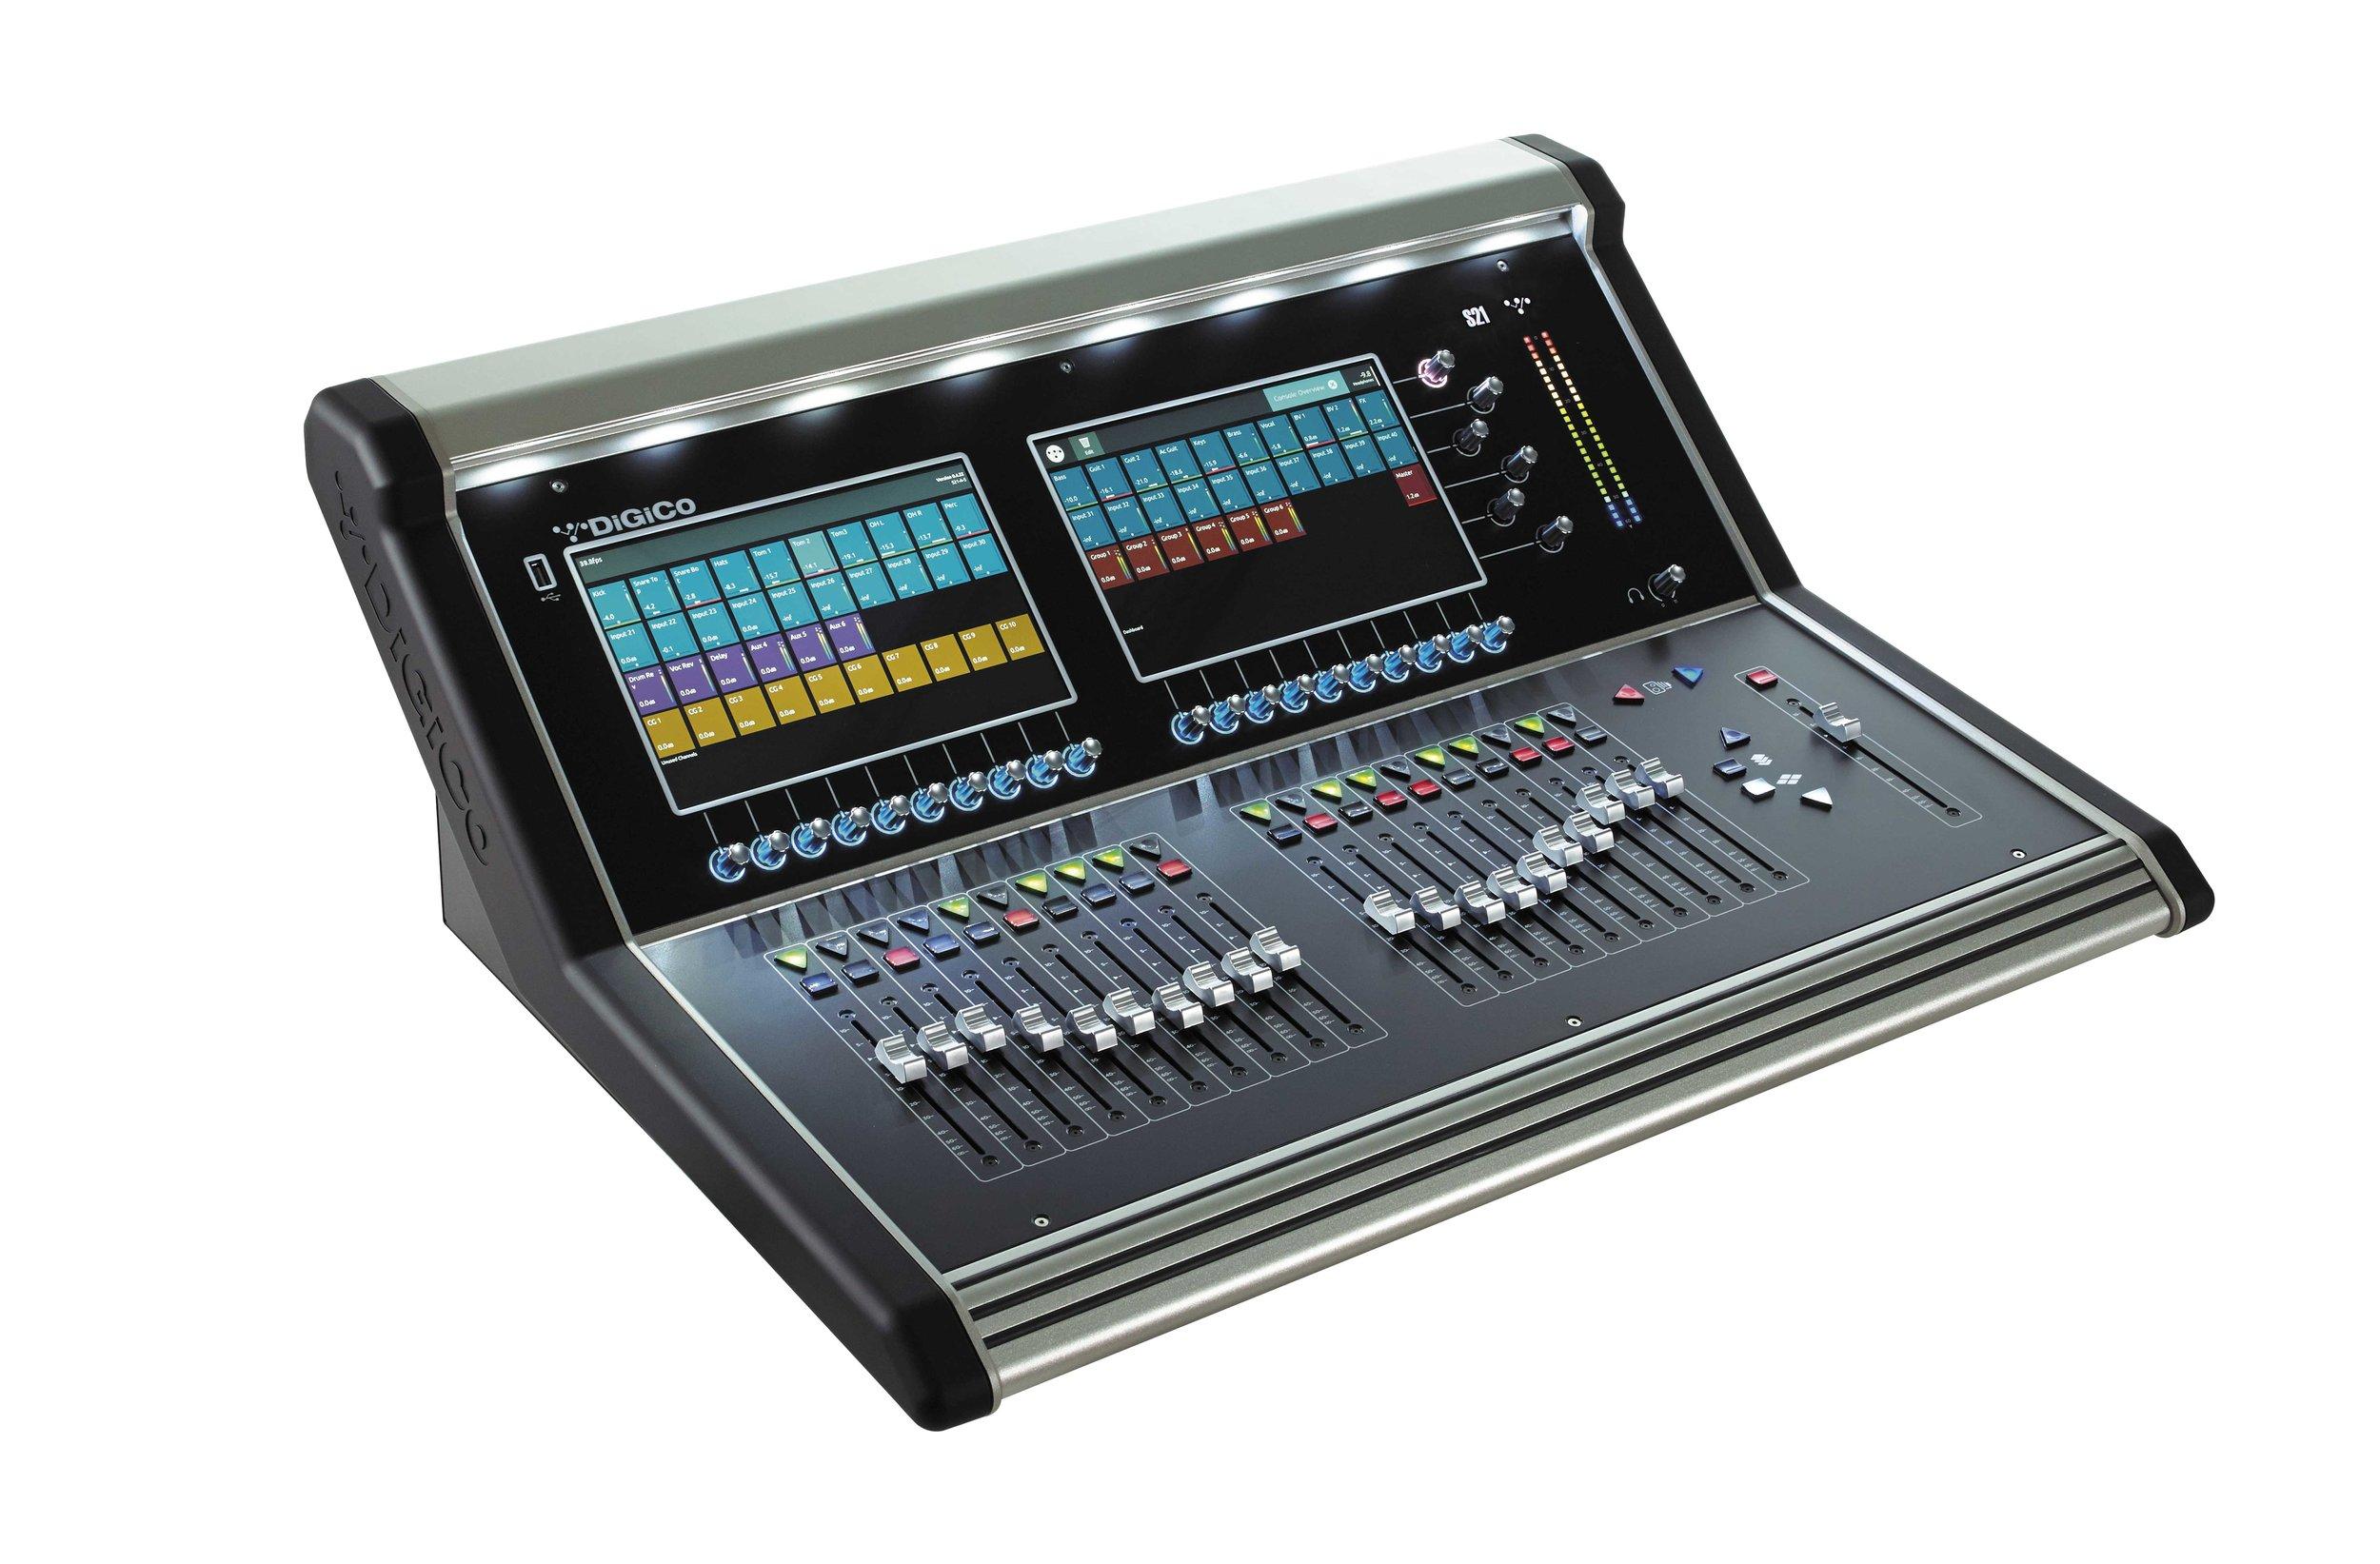 DiGiCo S21 - 24 mic line inputs, 96kHz Sample Rate, 48 Flexi Input Channels, 16 Flexi Aux / Sub-Group Busses, 8 Digital FX